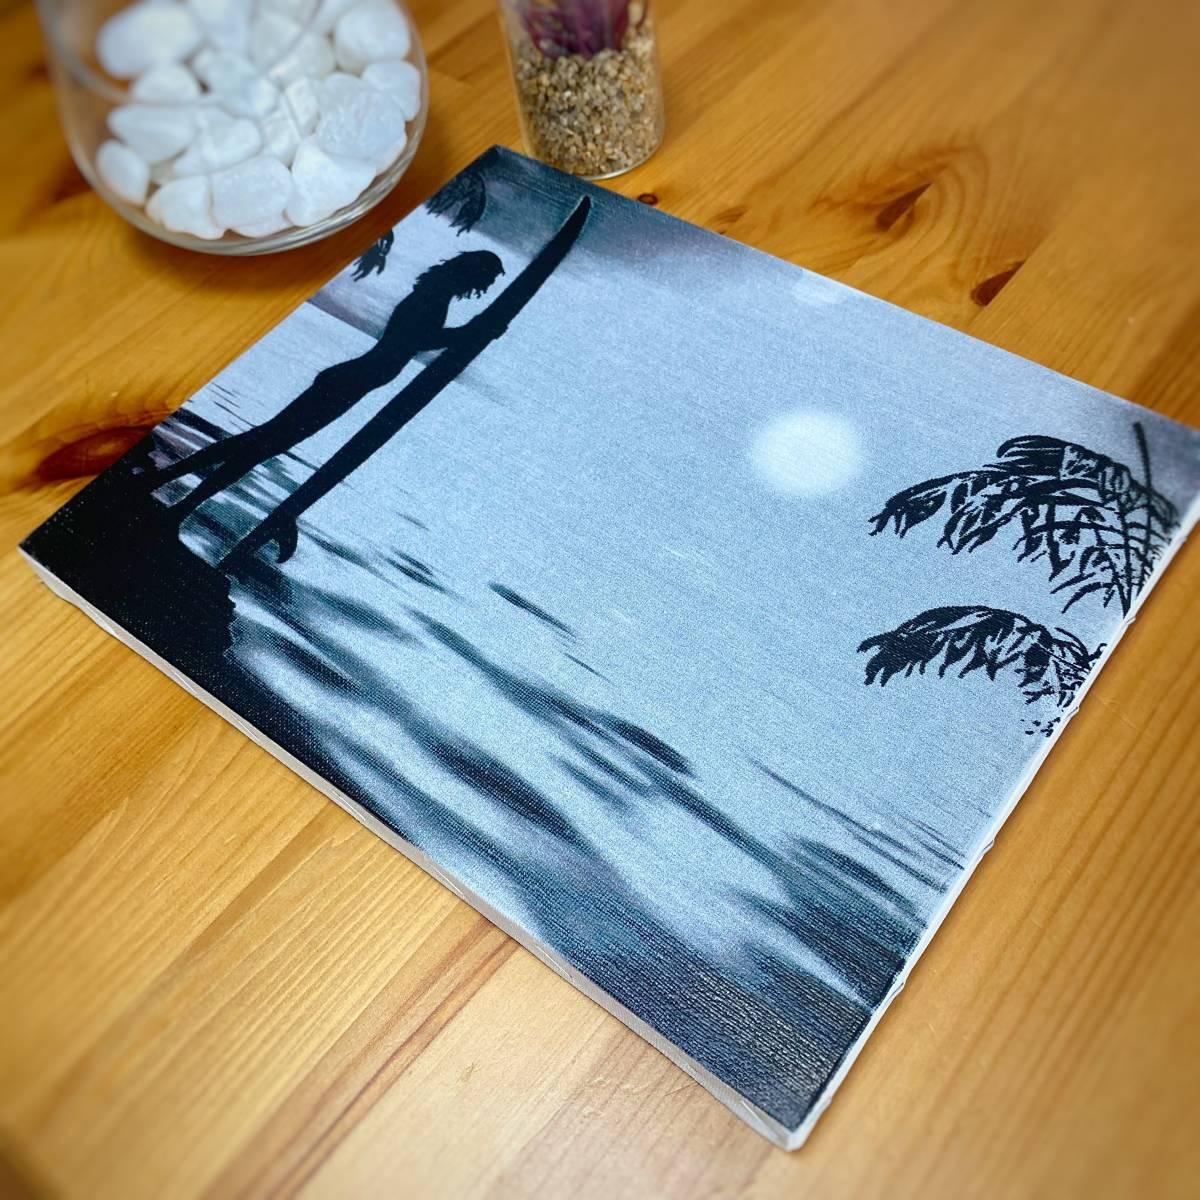 【新品】18 キャンバスアート ファブリックパネル アート 壁掛け サーフ ディスプレイ 海 Sea サーフィン HOME おうち時間 日本製 11/2